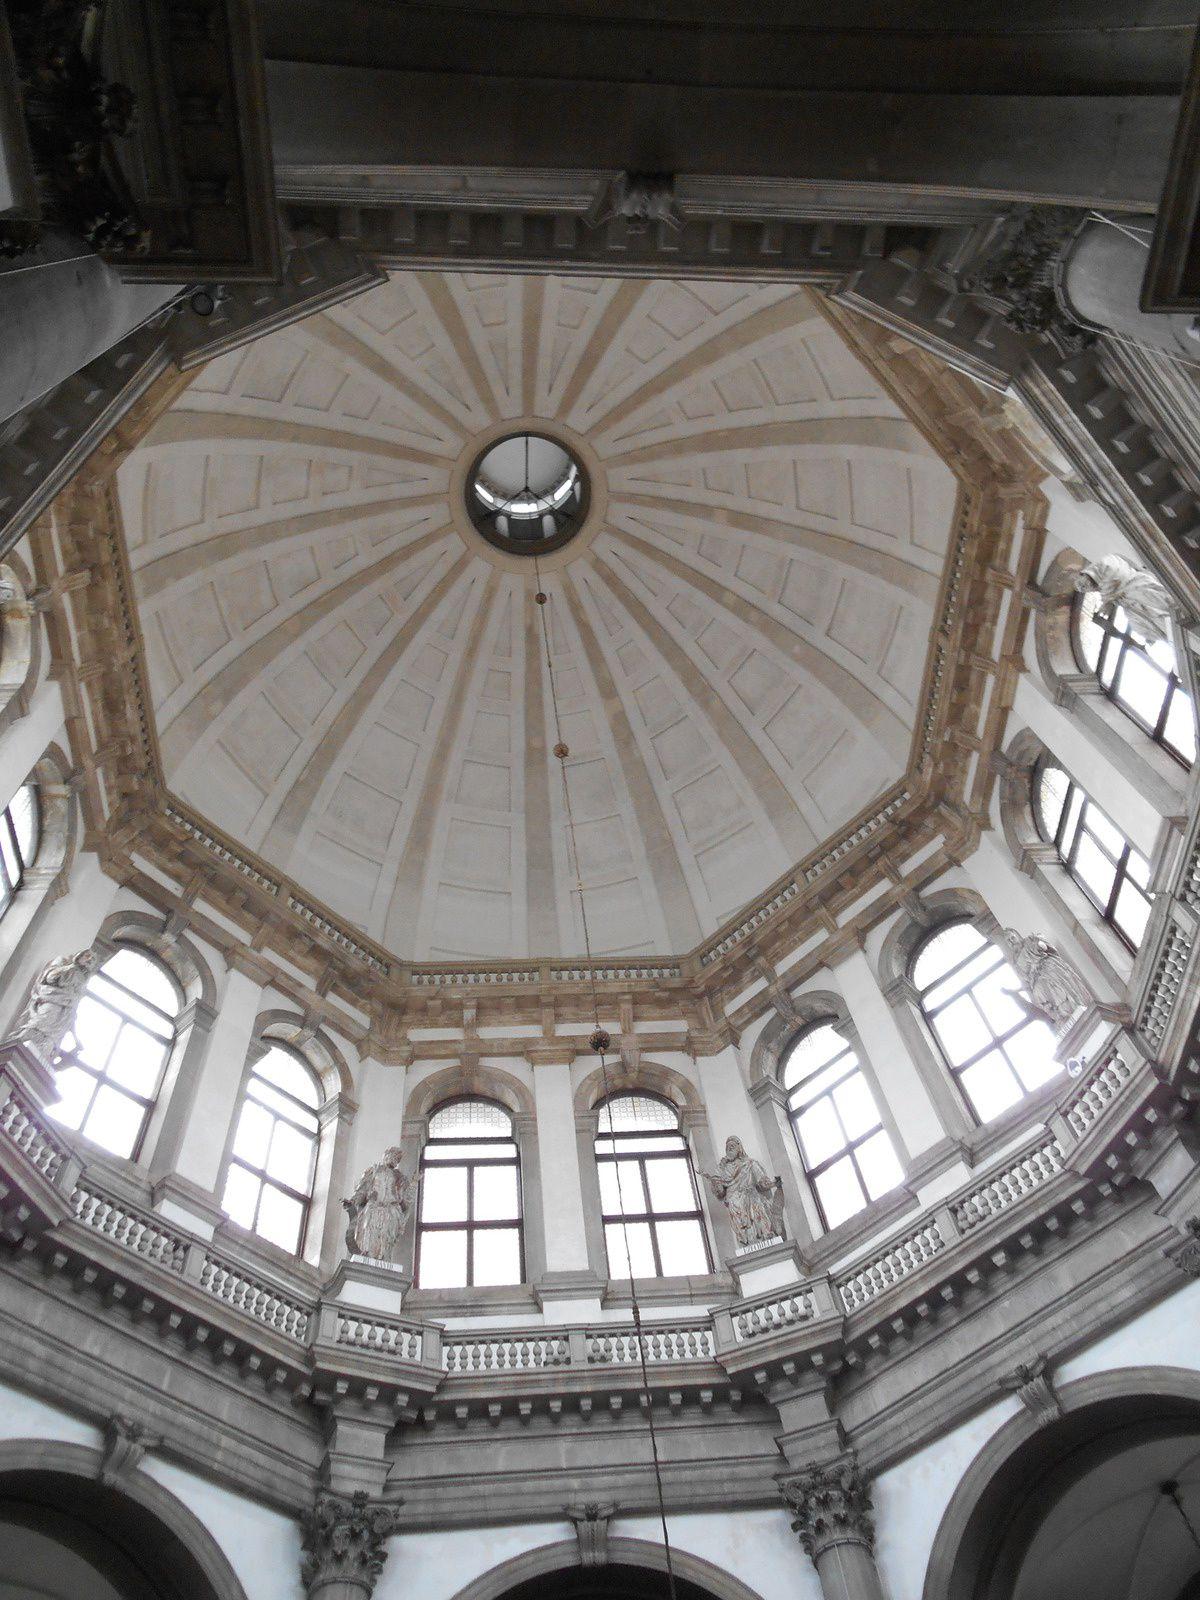 La coupole principale dicte la forme de l'édifice: 6 chapelles s'ordonnent autour de l'espace central.